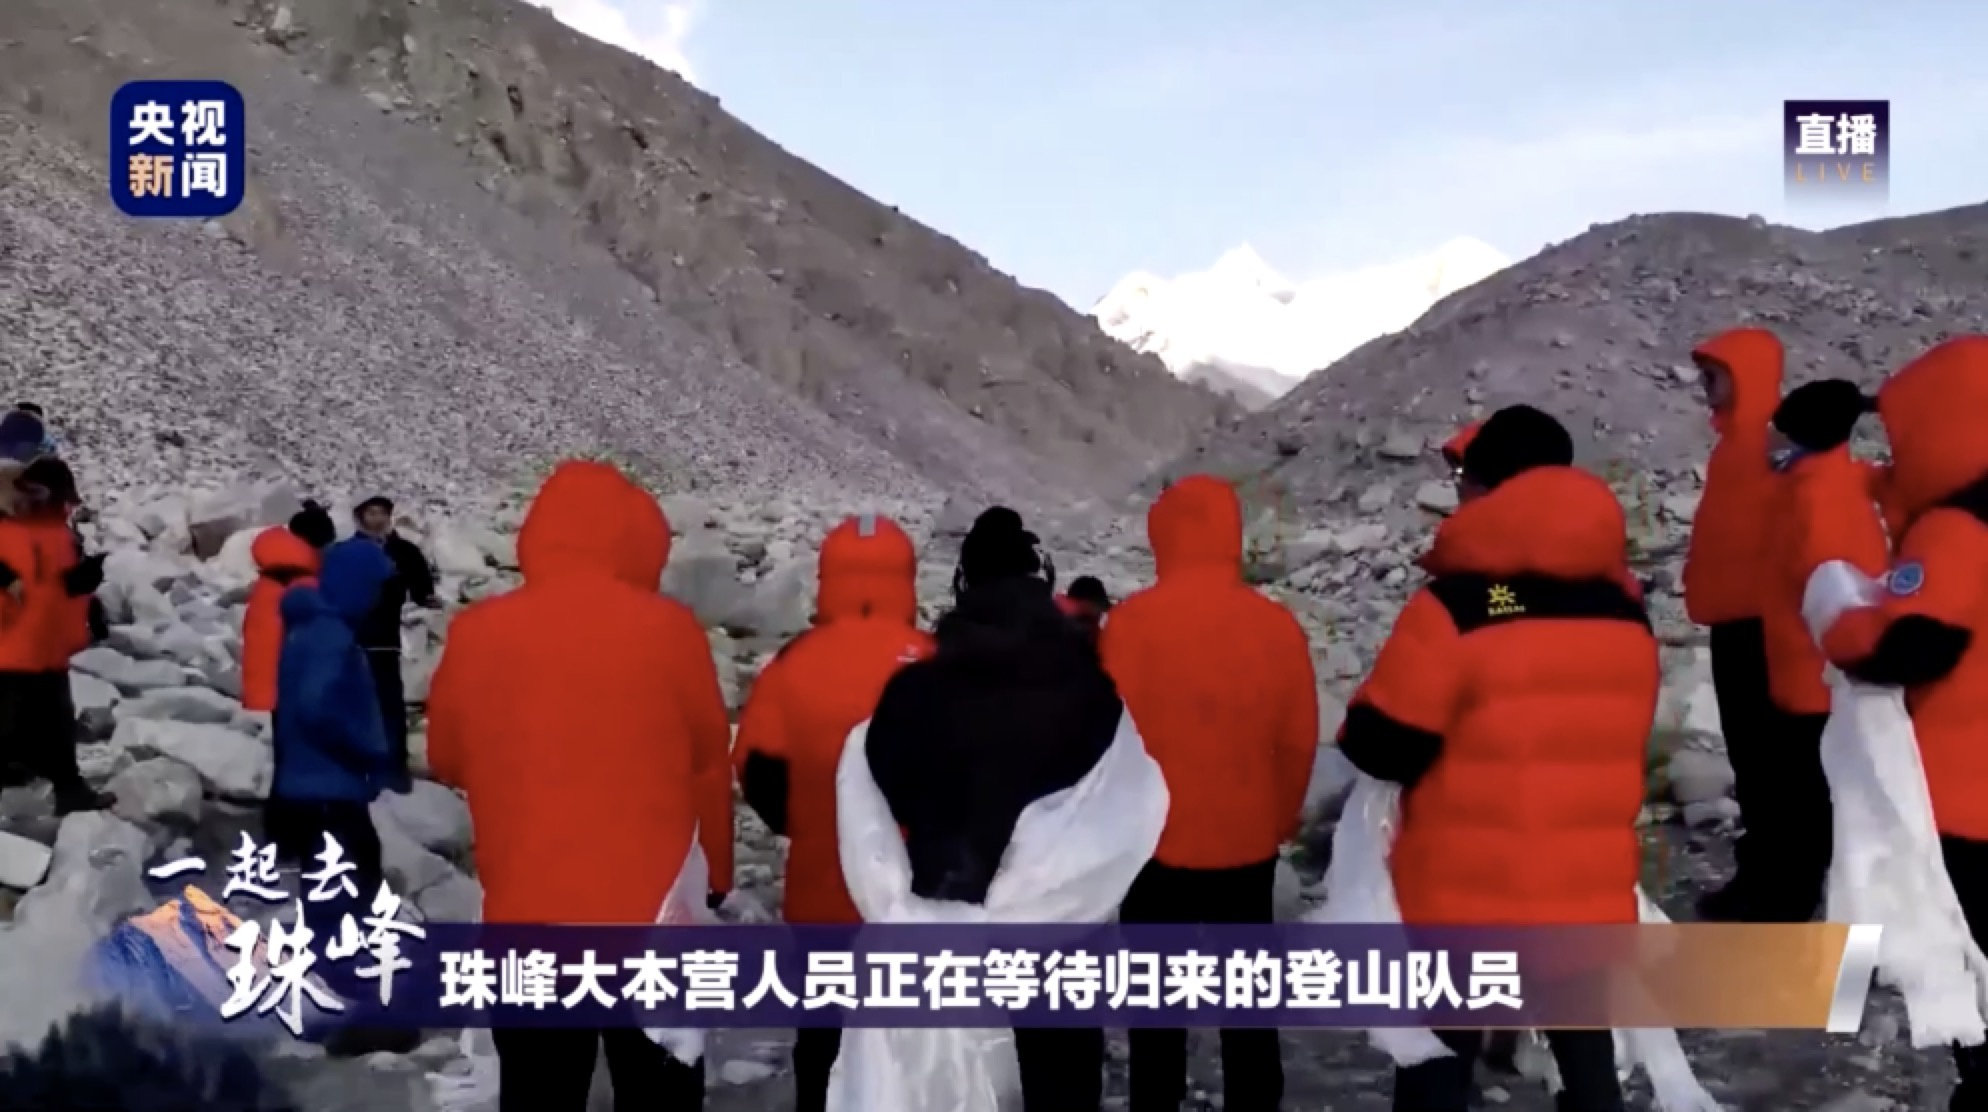 「摩天娱乐」峰高程测量登山队员返回珠峰摩天娱乐大图片